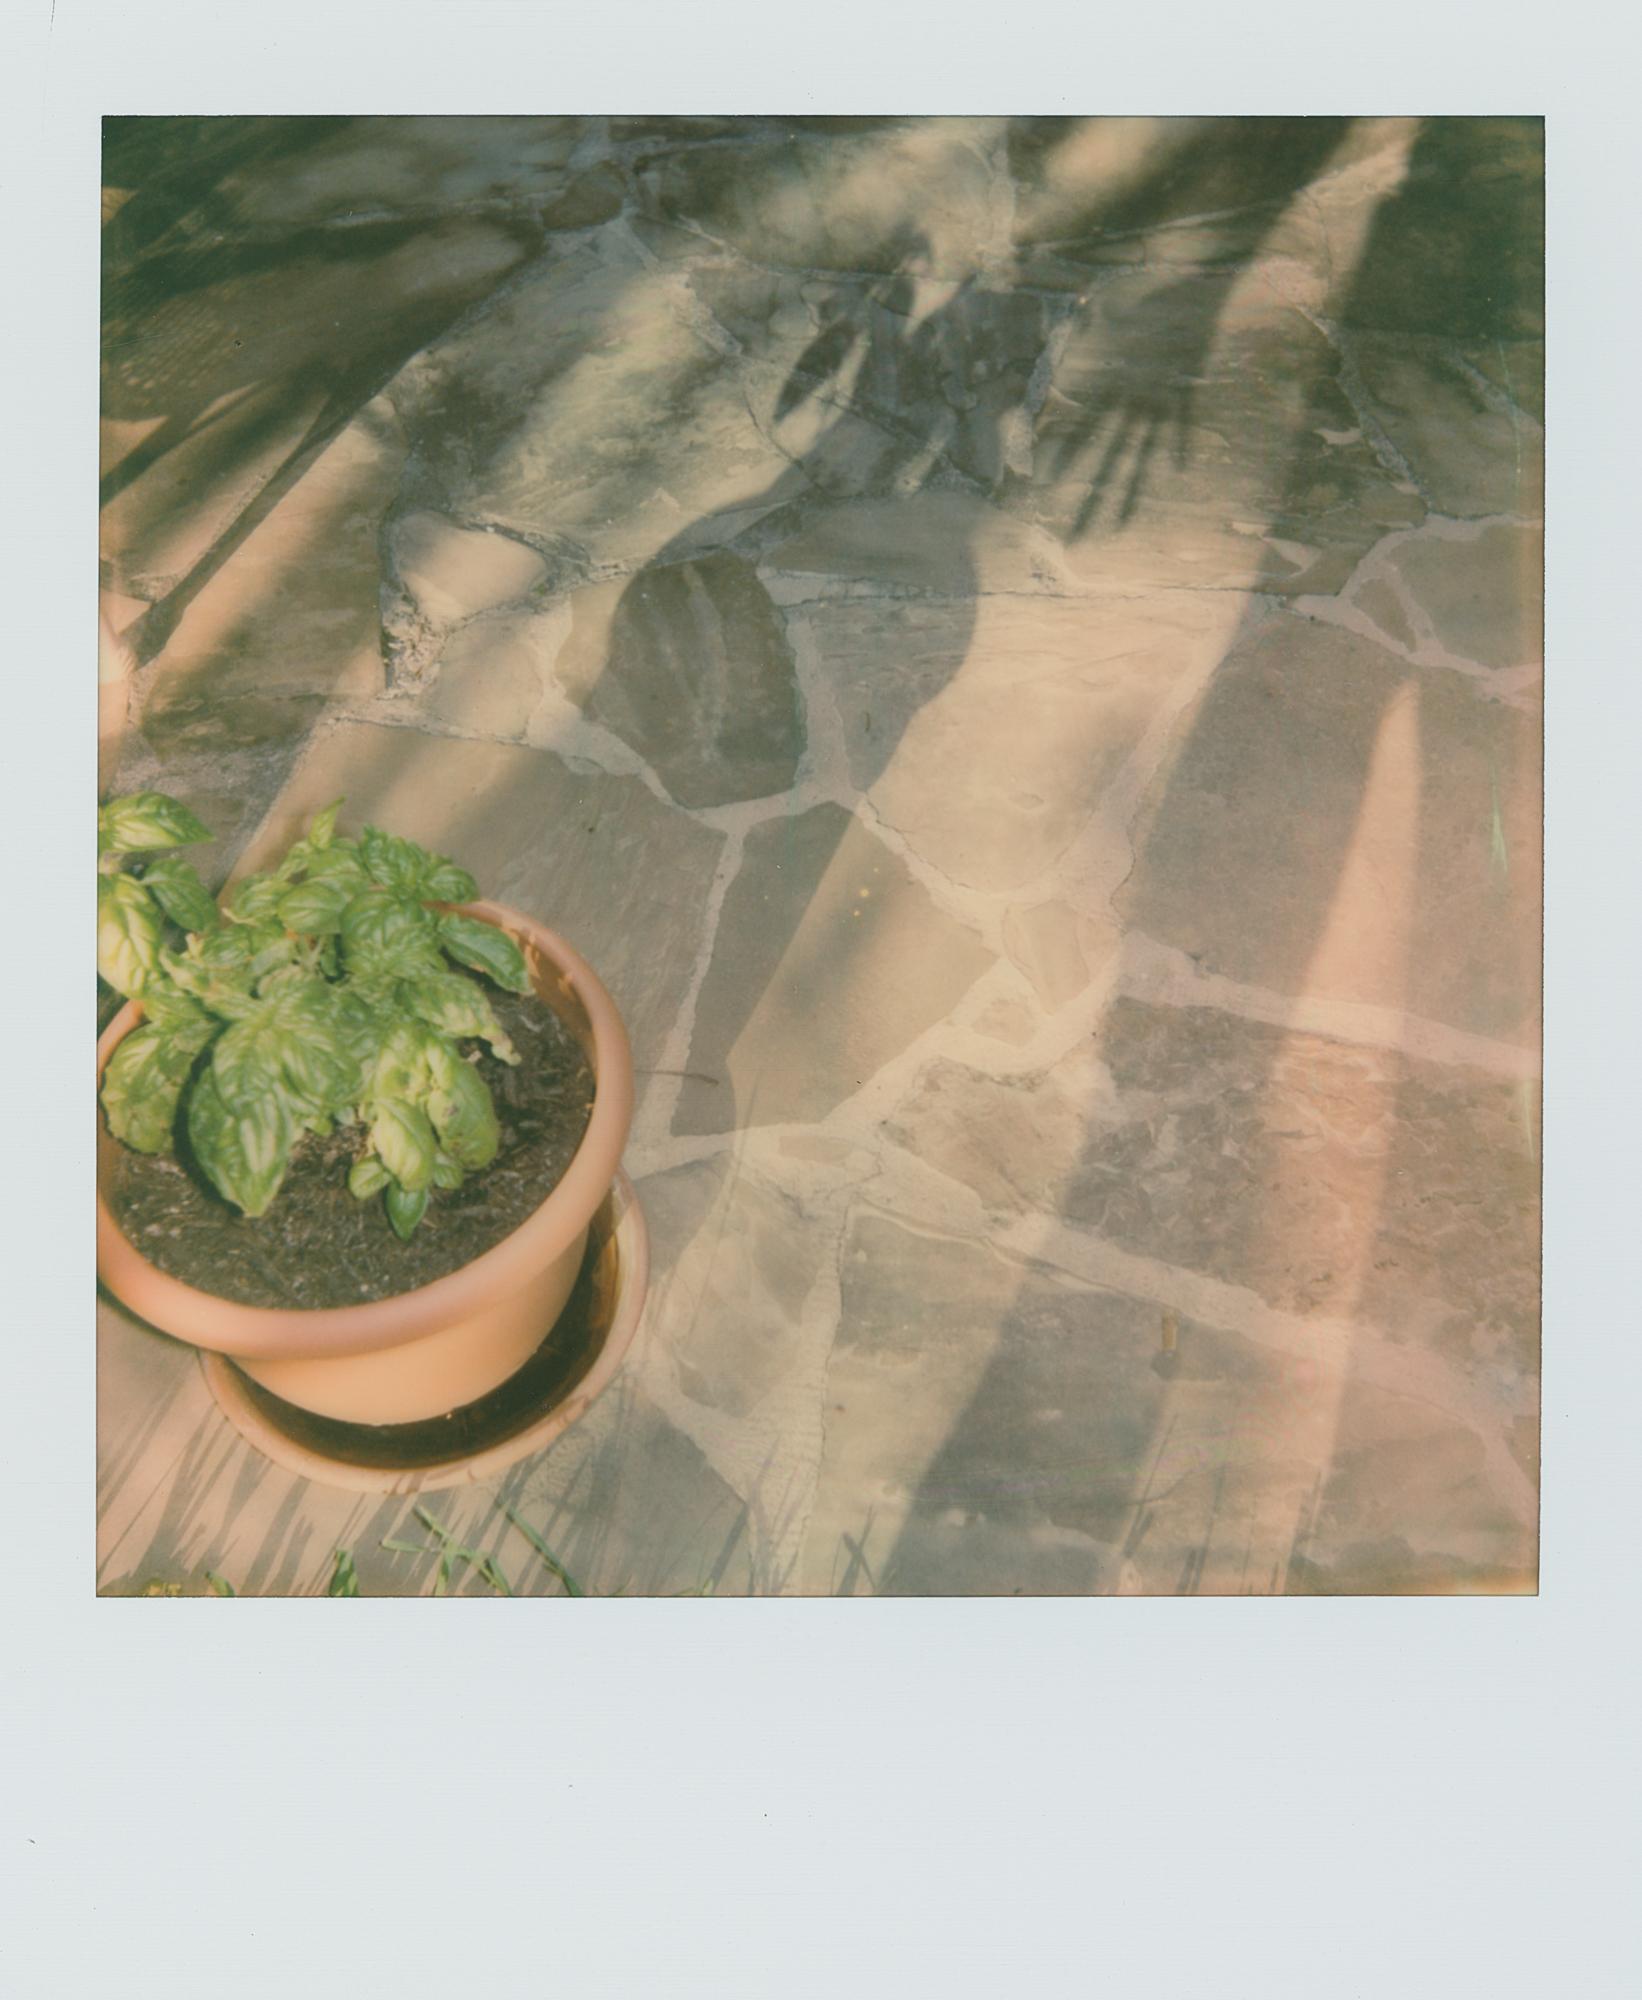 pola week shadow gardener (1 of 1).jpg